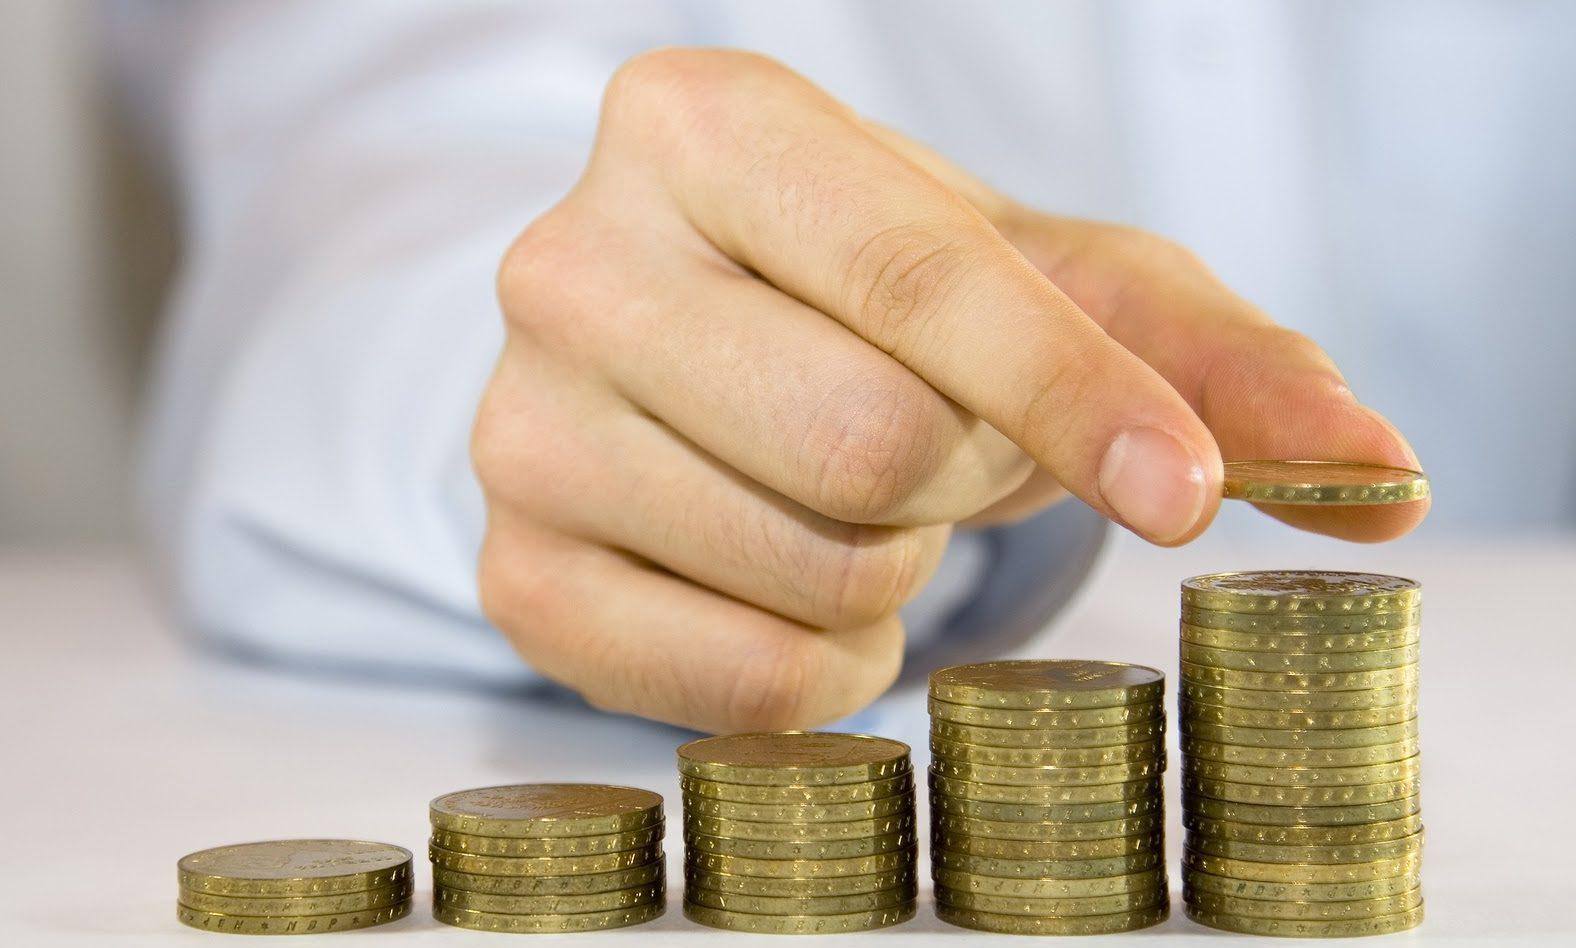 hogyan lehet pénzt keresni egy munkával hogyan lehet megtalálni a bitcoin pénztárca tulajdonosát